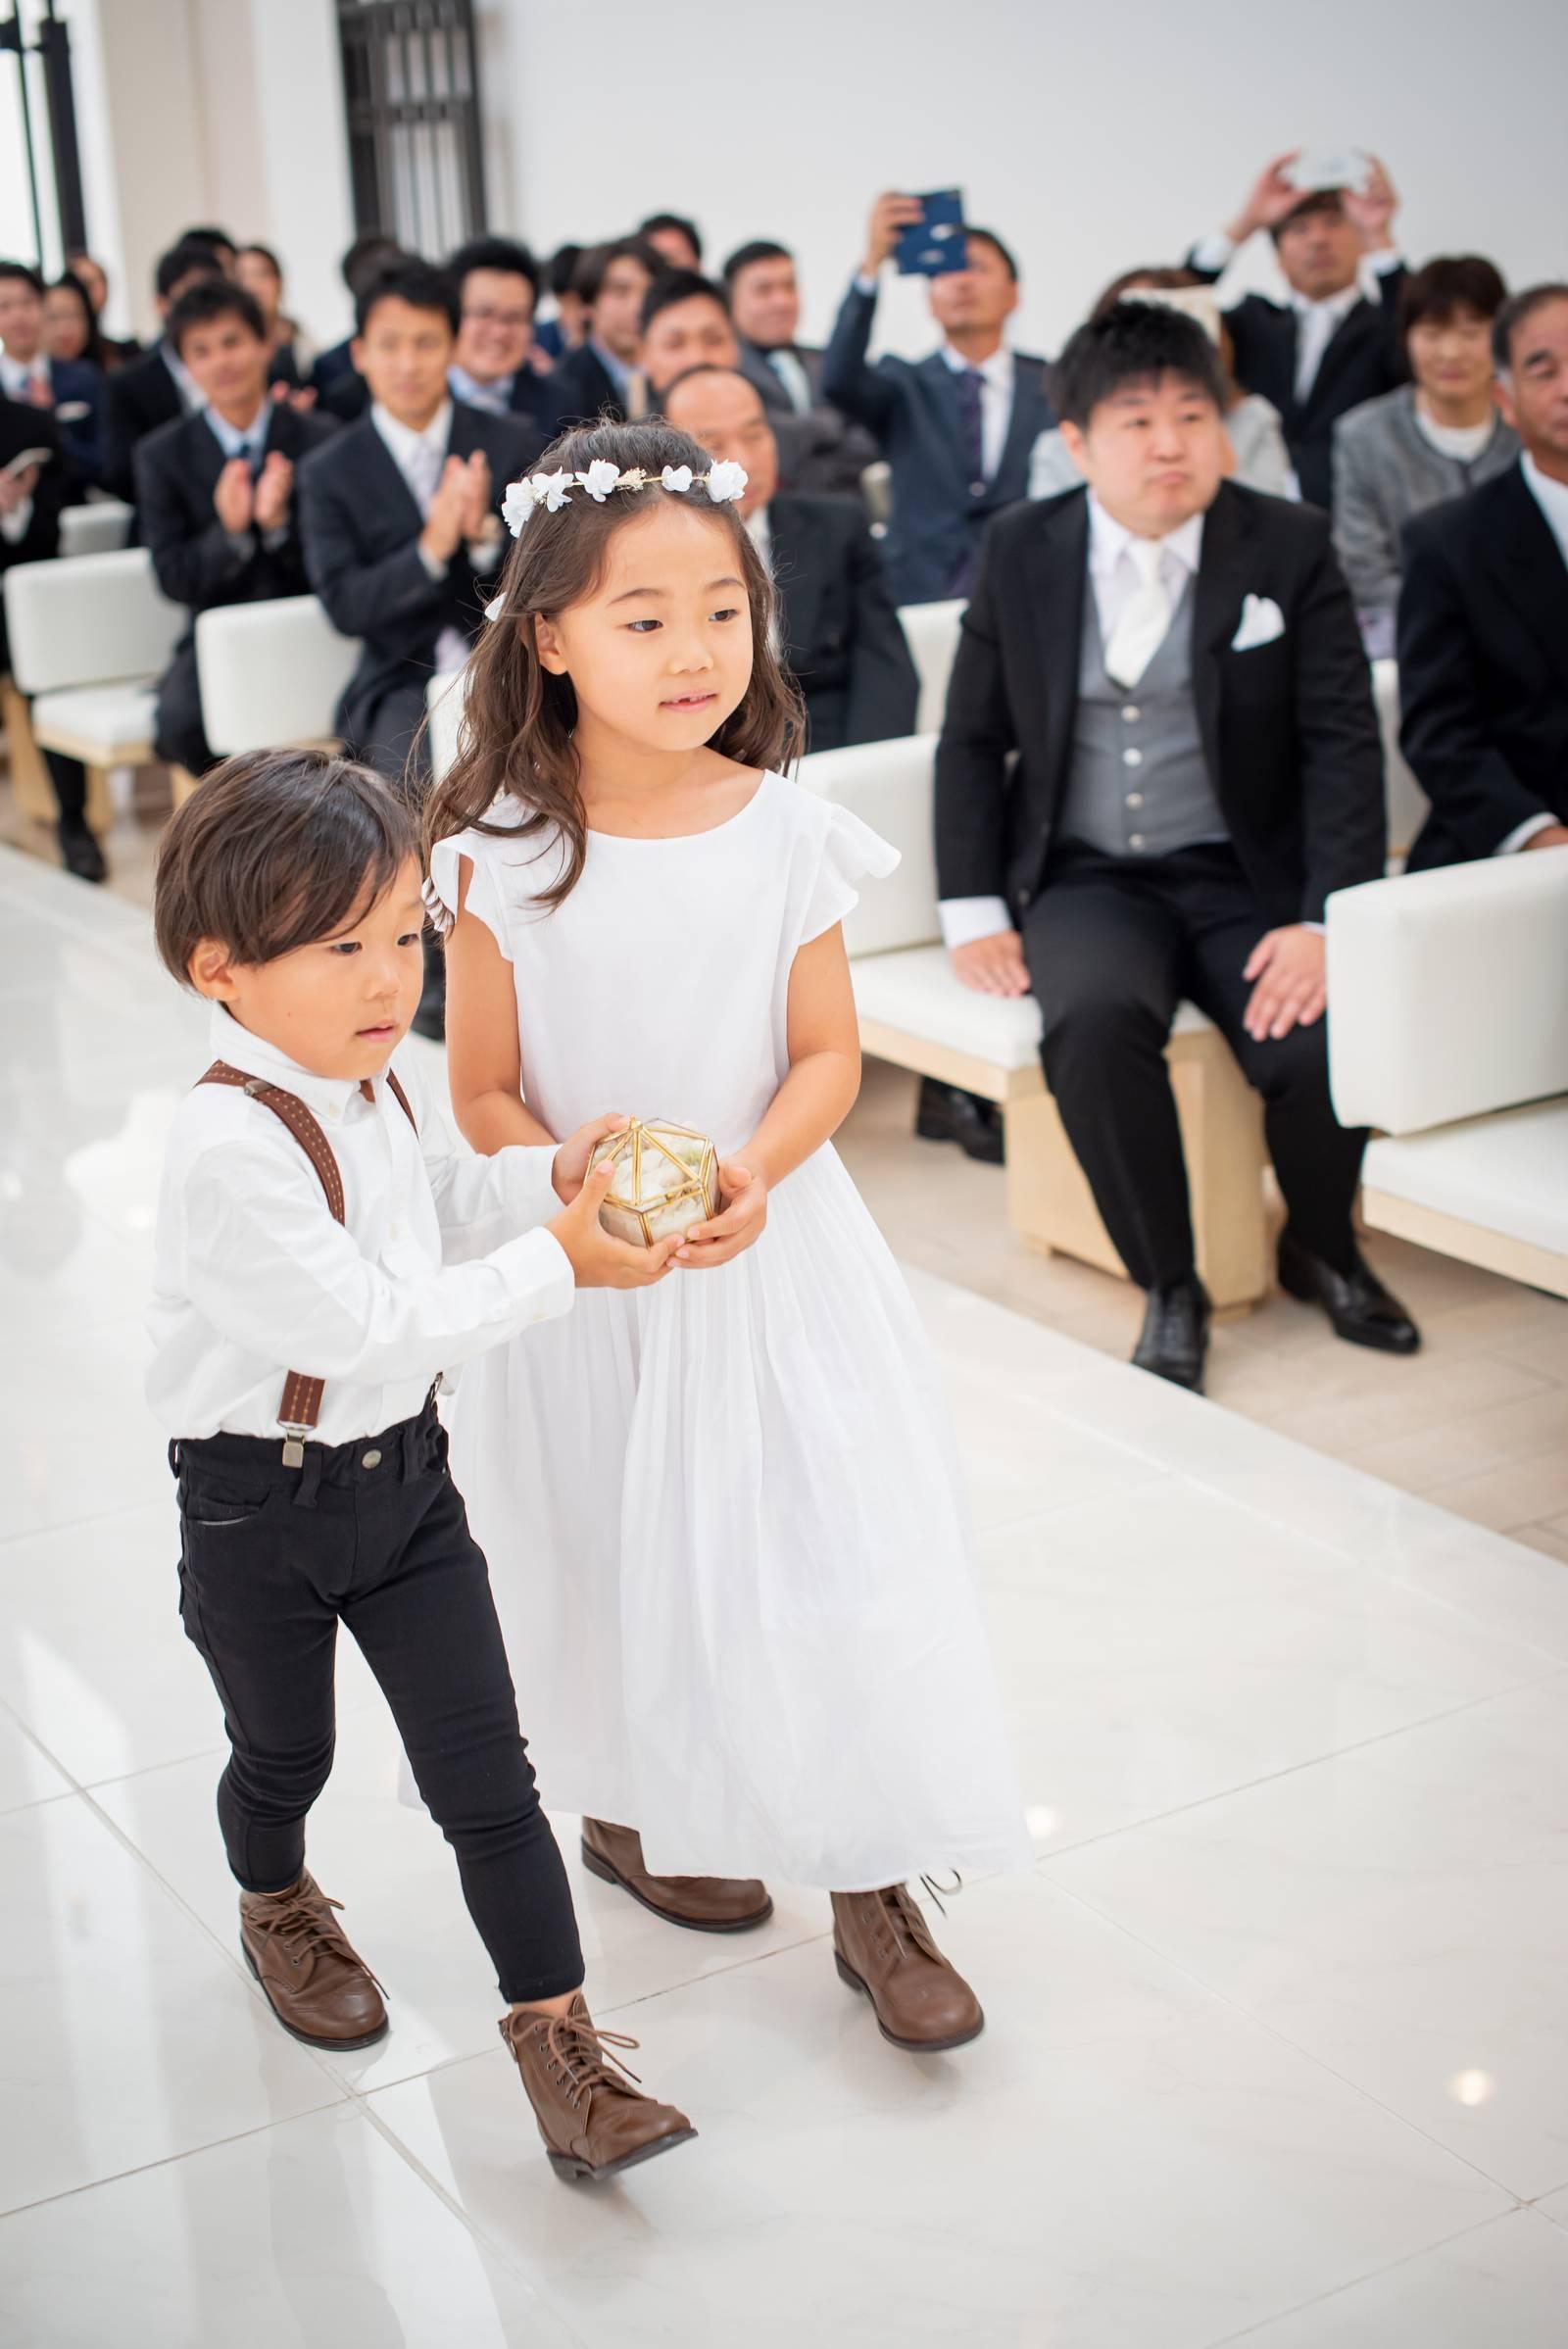 徳島市の結婚式場ブランアンジュでチャペル挙式のお手伝いをする甥っ子と姪っ子